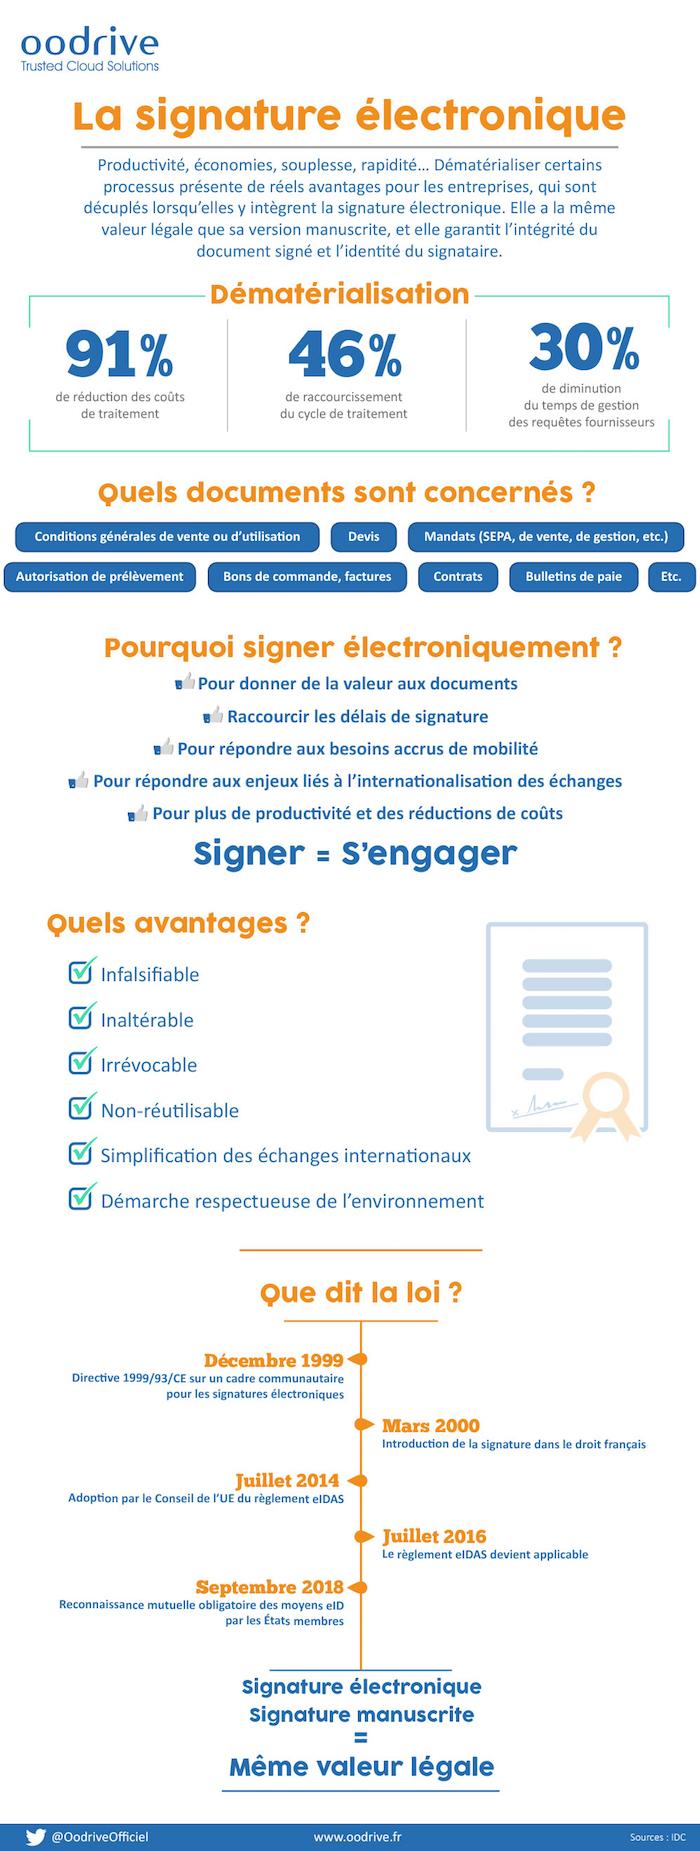 FRinfographiesignatureelectroniqueV4dec2016